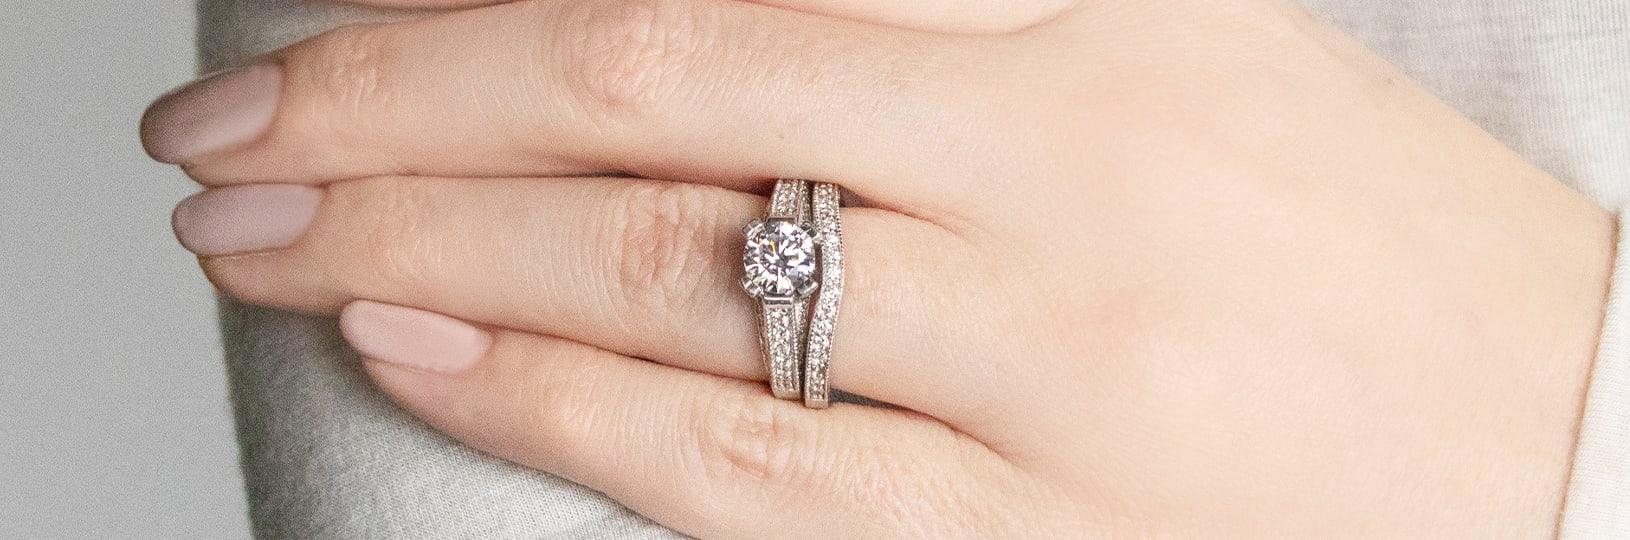 Matching wedding ring set.